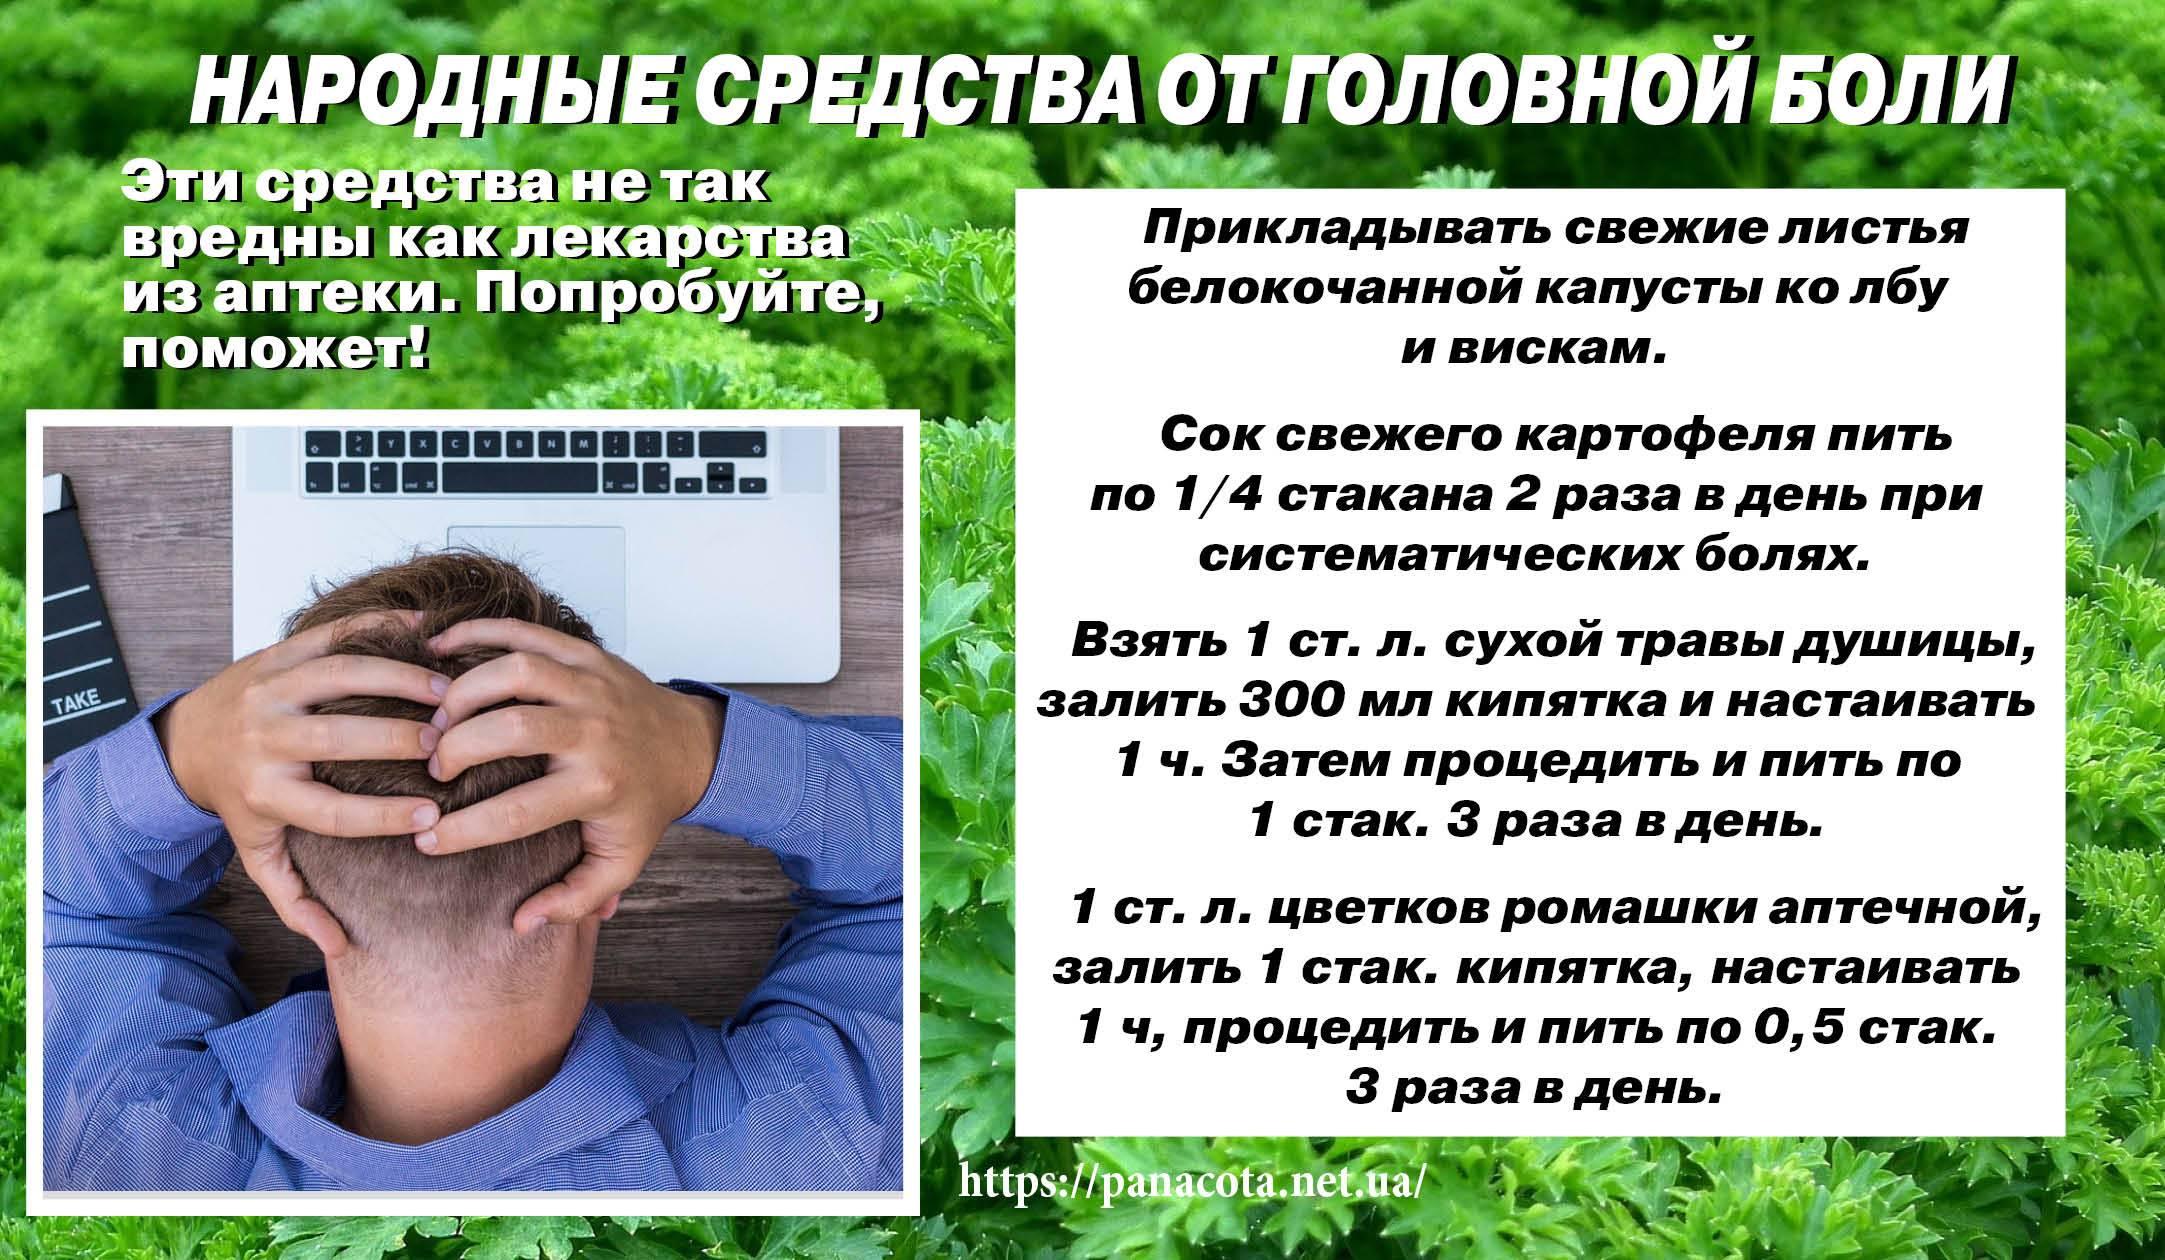 Как избавиться от головной боли в домашних условиях без таблеток